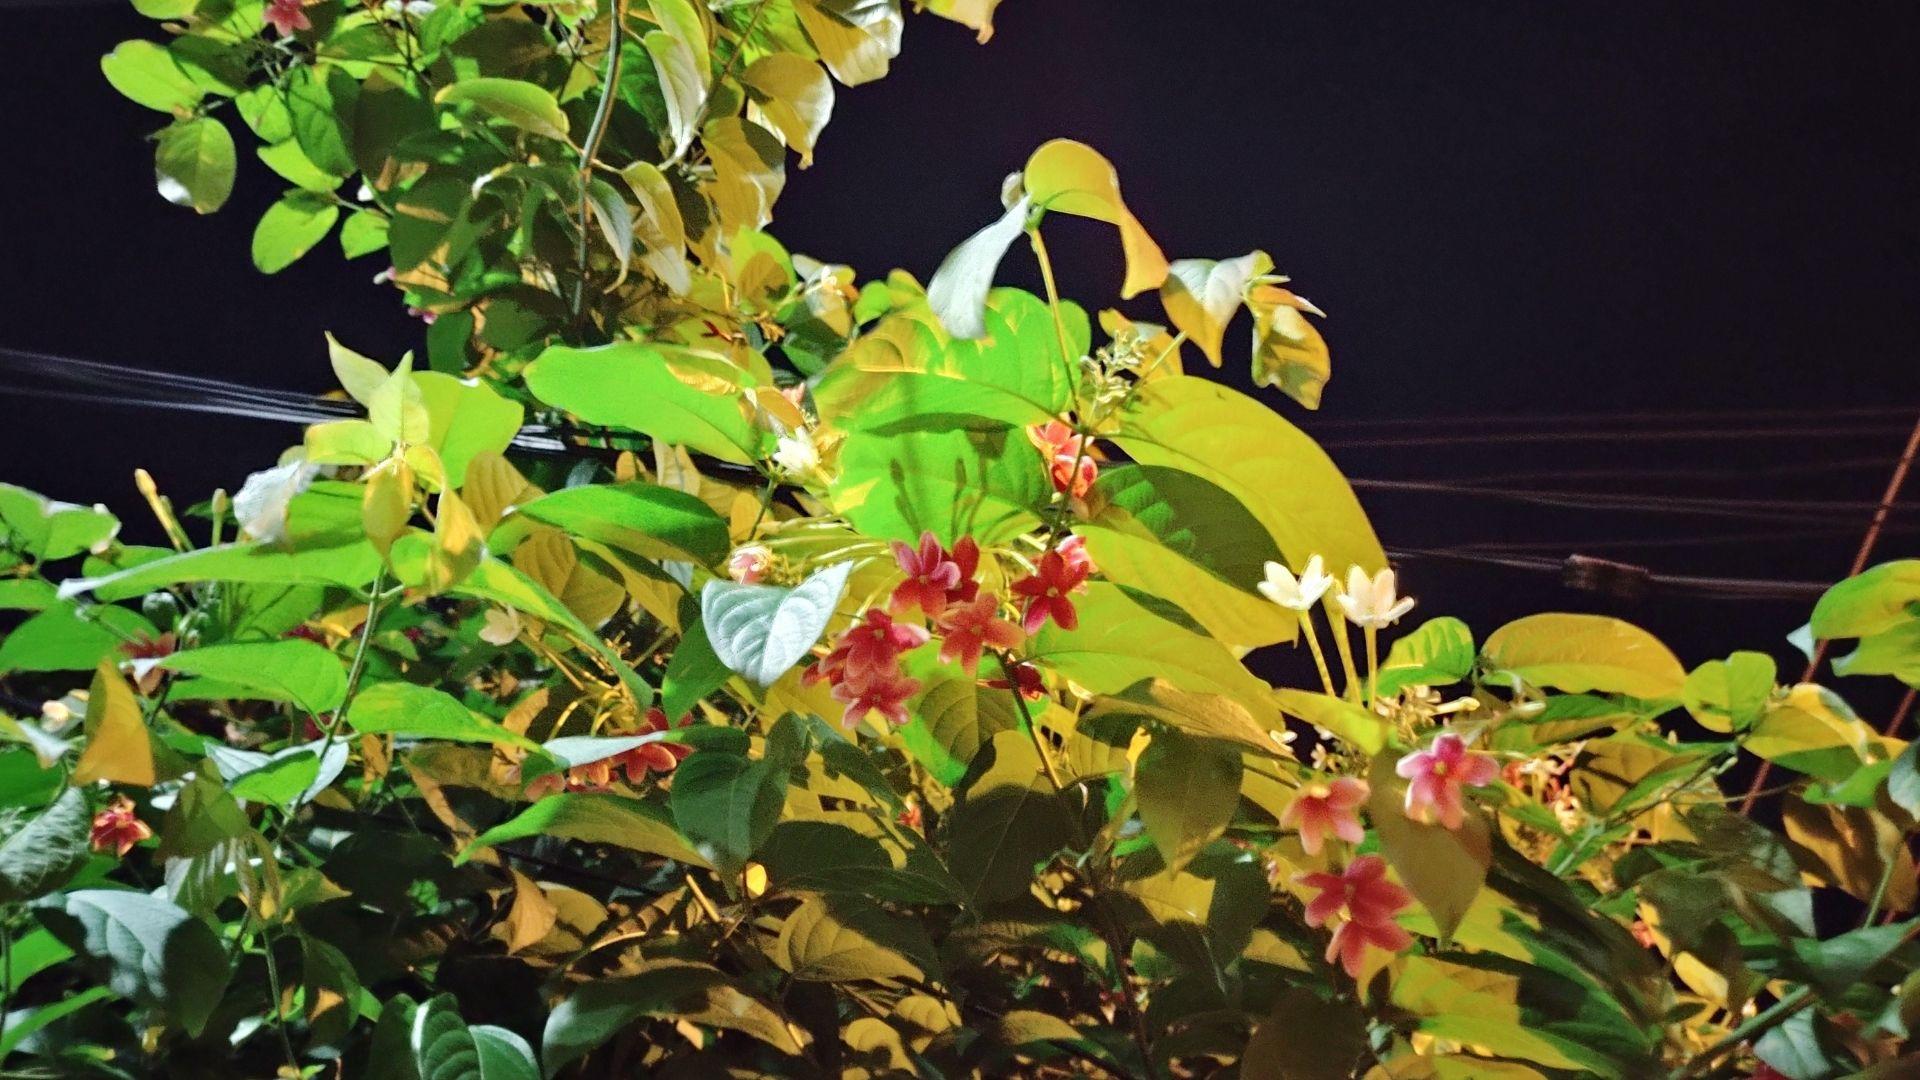 Foto tirada de uma planta tirada de noite, com a câmera principal e modo noturno